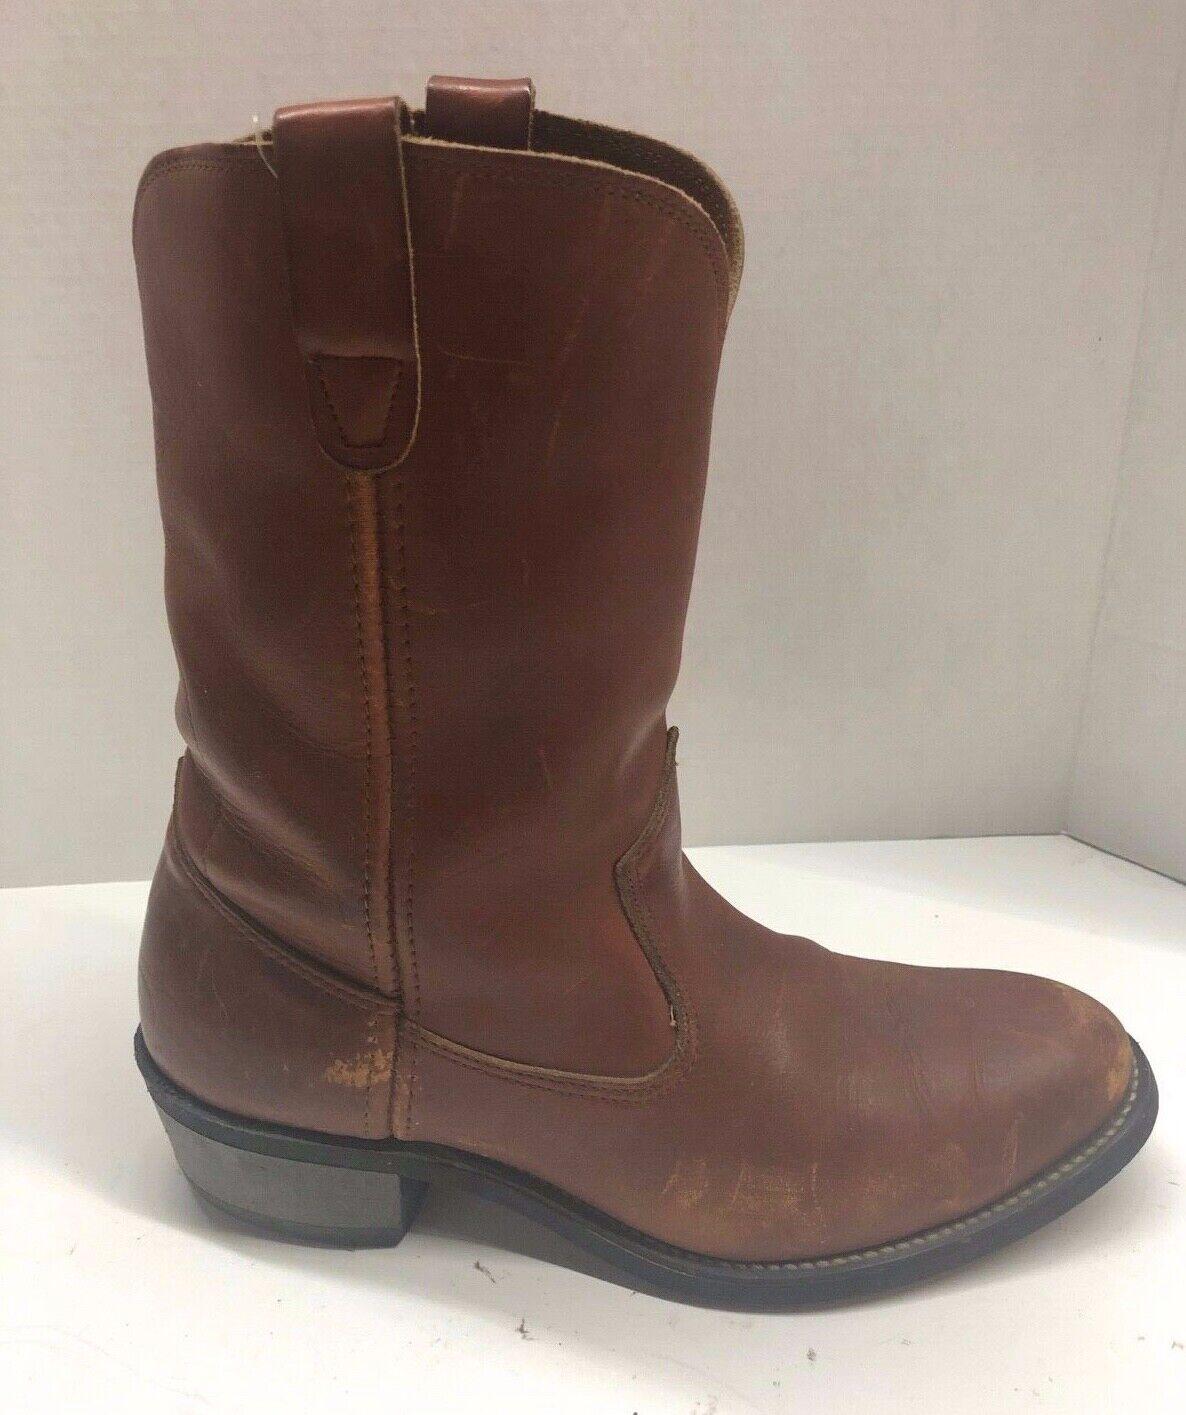 Double H Western Cowboy Boots Men's Size 8.5 D Brown